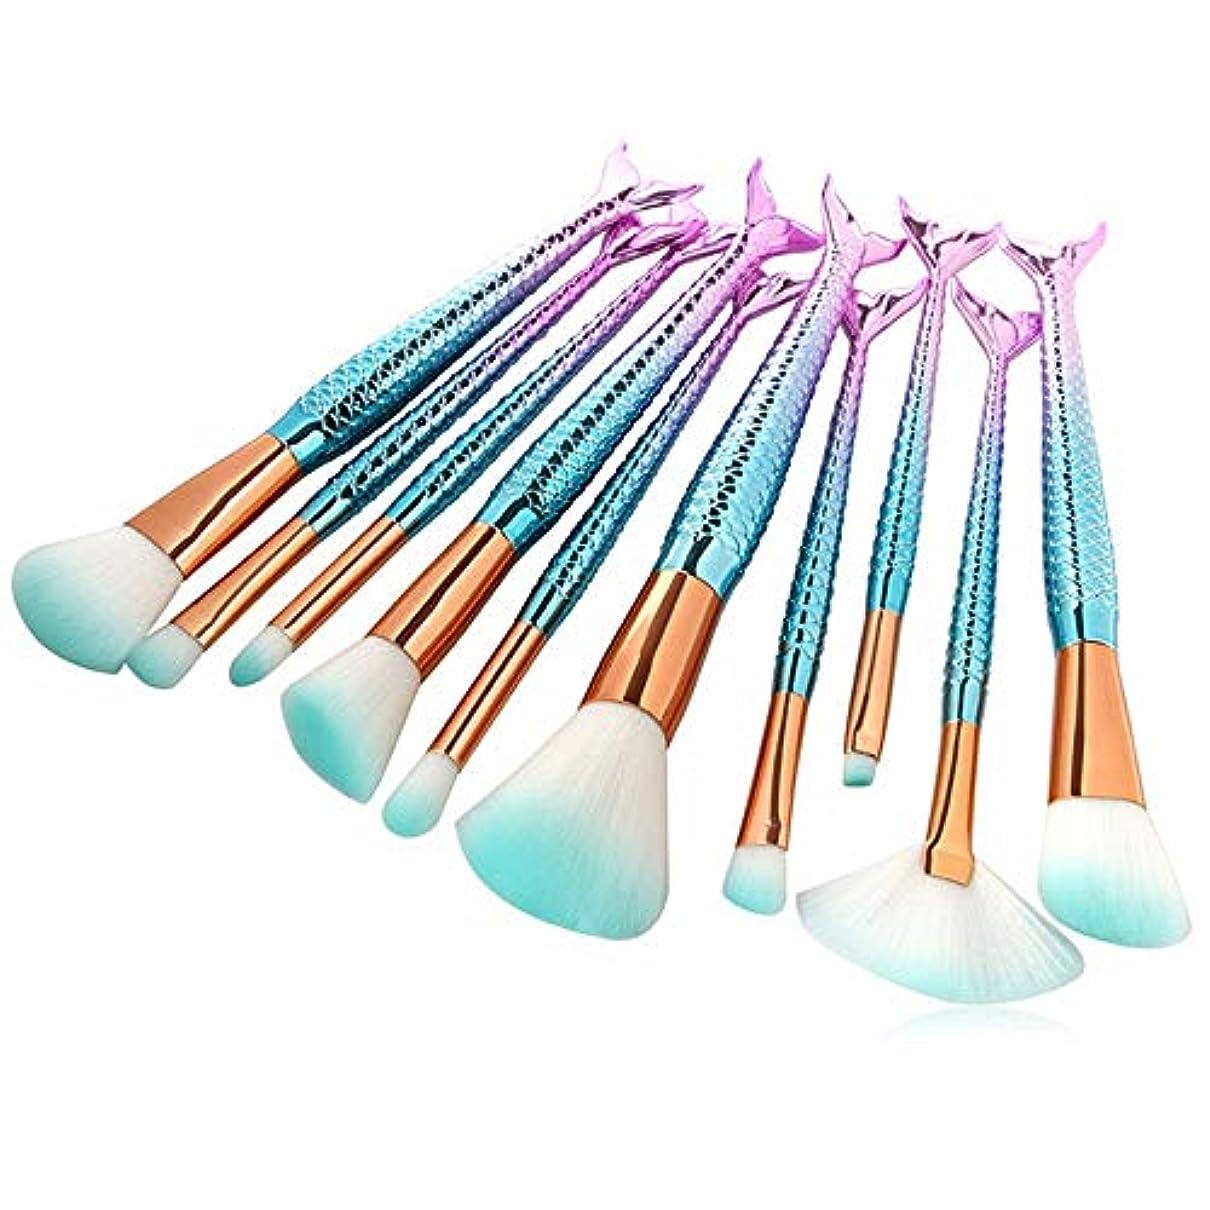 民兵統治可能ペックMakeup brushes 10個マーメイドブラシメイクアップキット美容ツールフィッシュテールカブキブラシクリーナーレインボーアイシャドウブラッシュパウダーフェイスブラシリグ suits (Color : Blue Gradient)